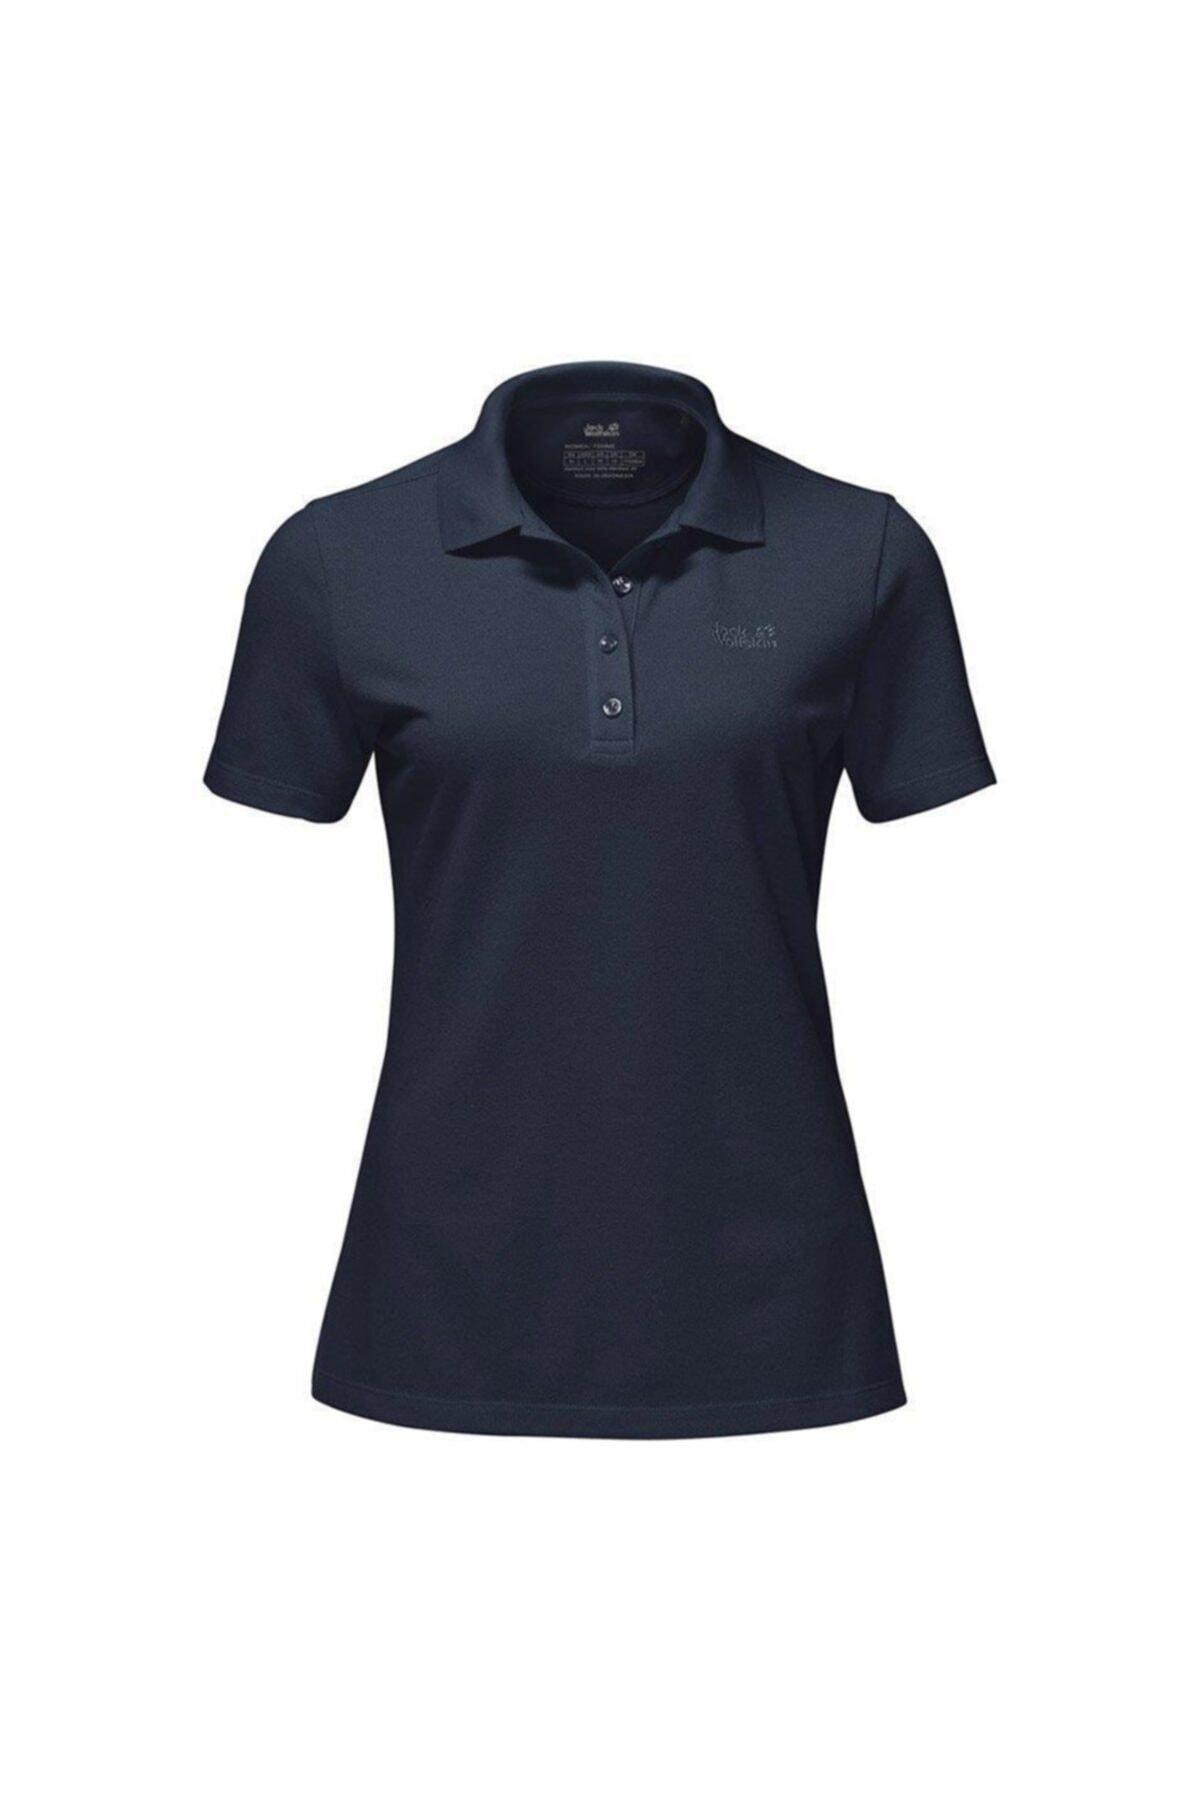 Jack Wolfskin Pique Polo Kadın T-Shirt - 1805701-1010 1